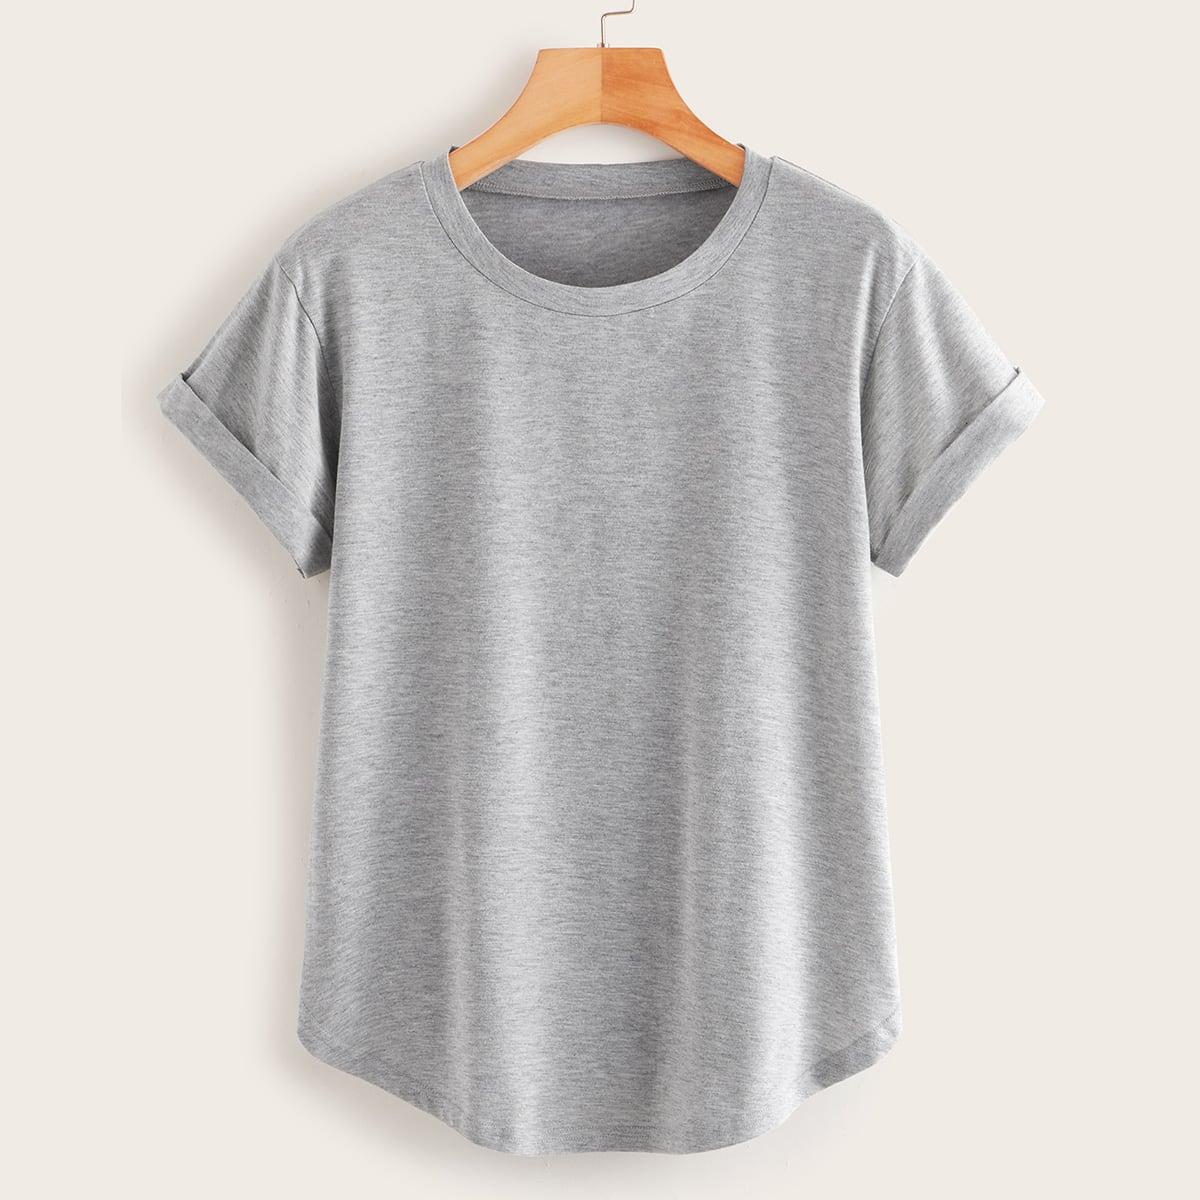 Grijs Casual Vlak T-shirts